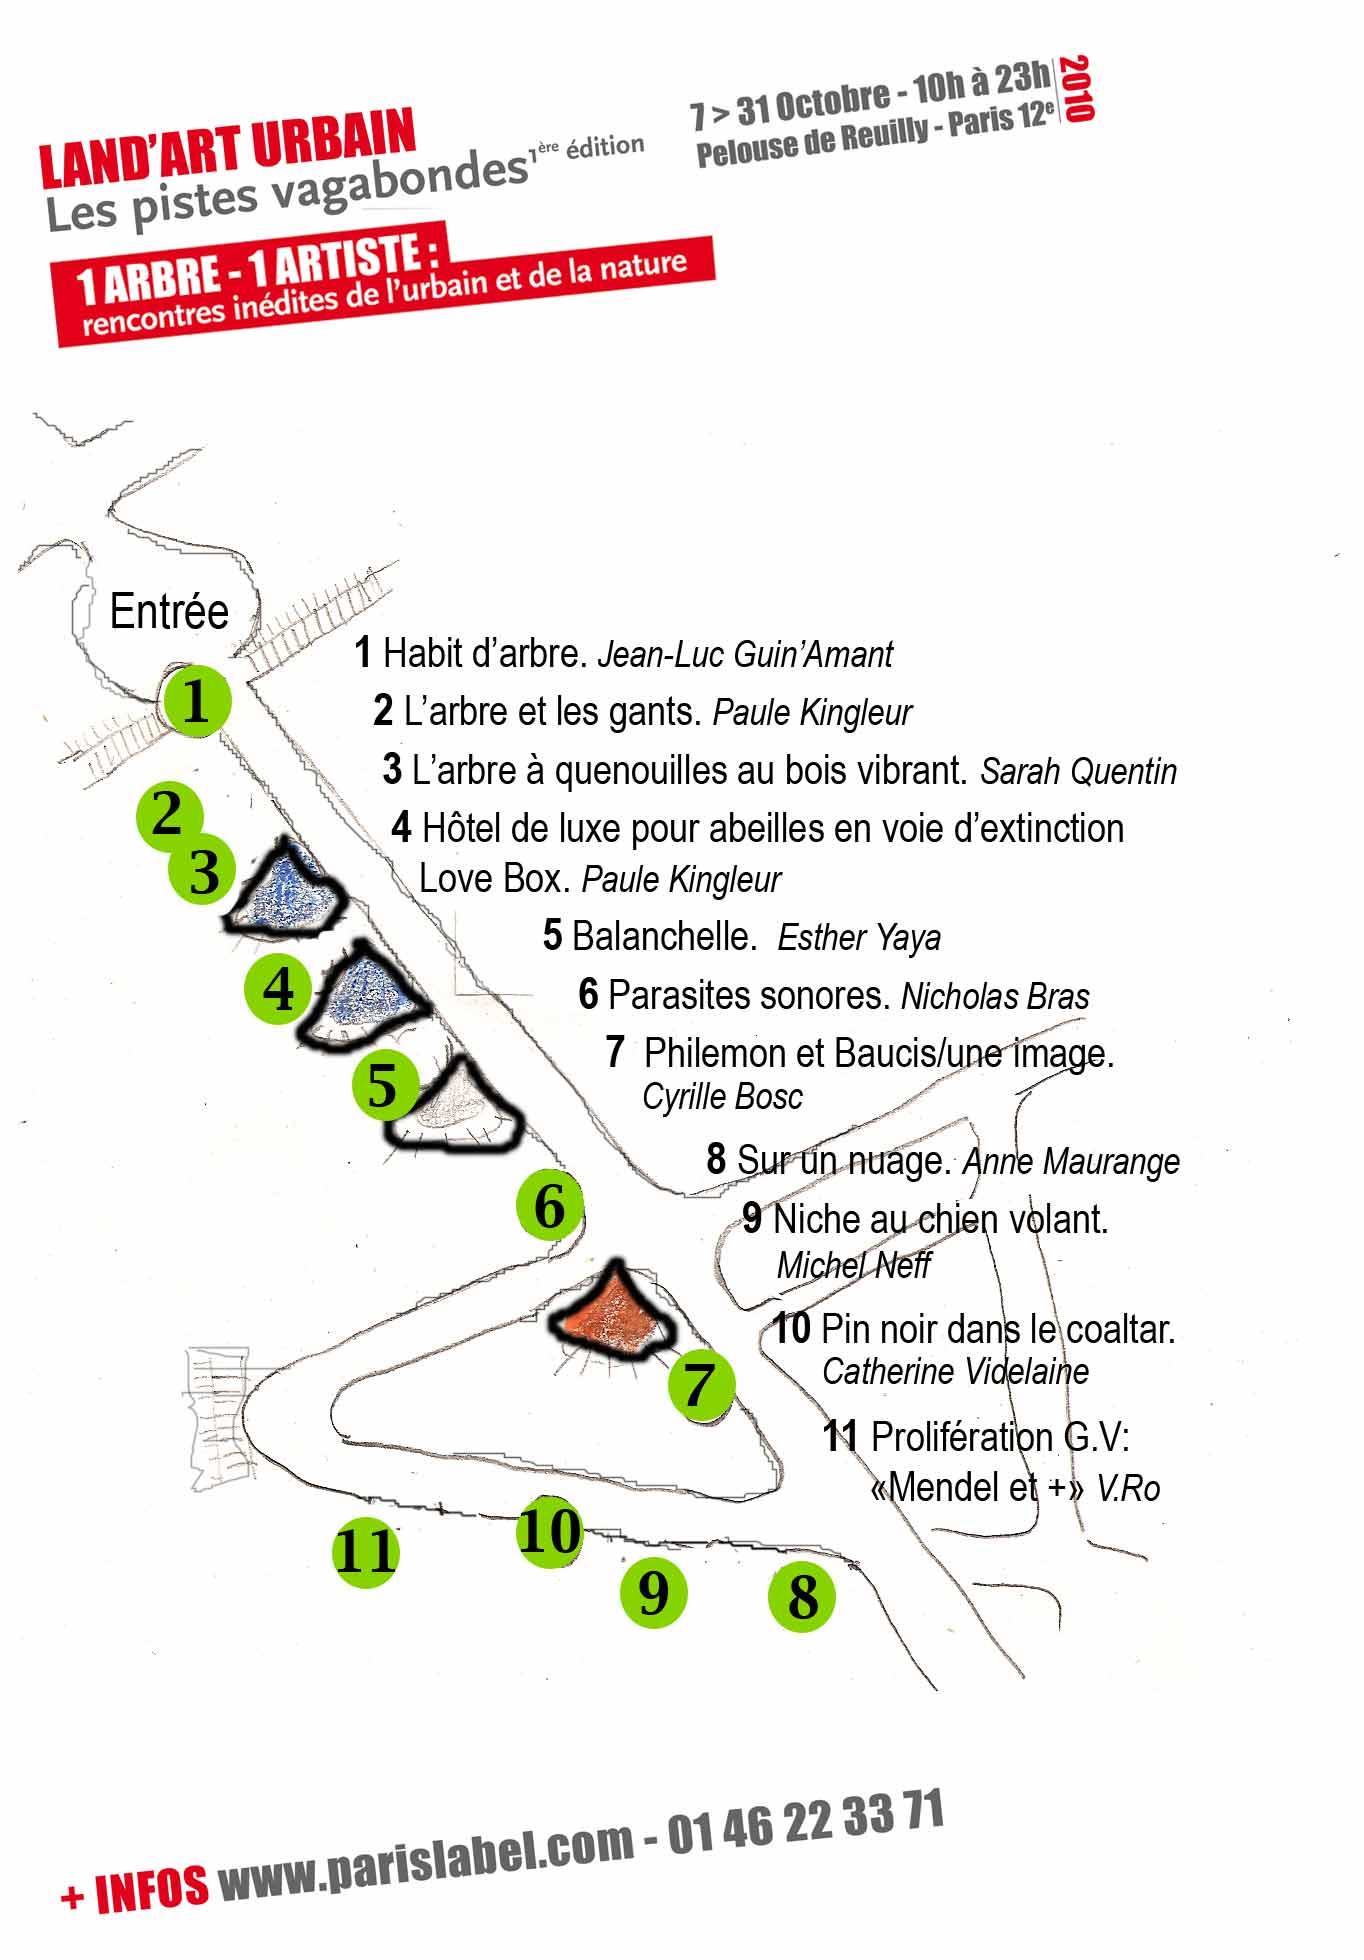 plan pour parcoursland art urbain au bois de vincennes pelouse de reuilly autour du village de cirque / Paris Label et Coop 2r2c